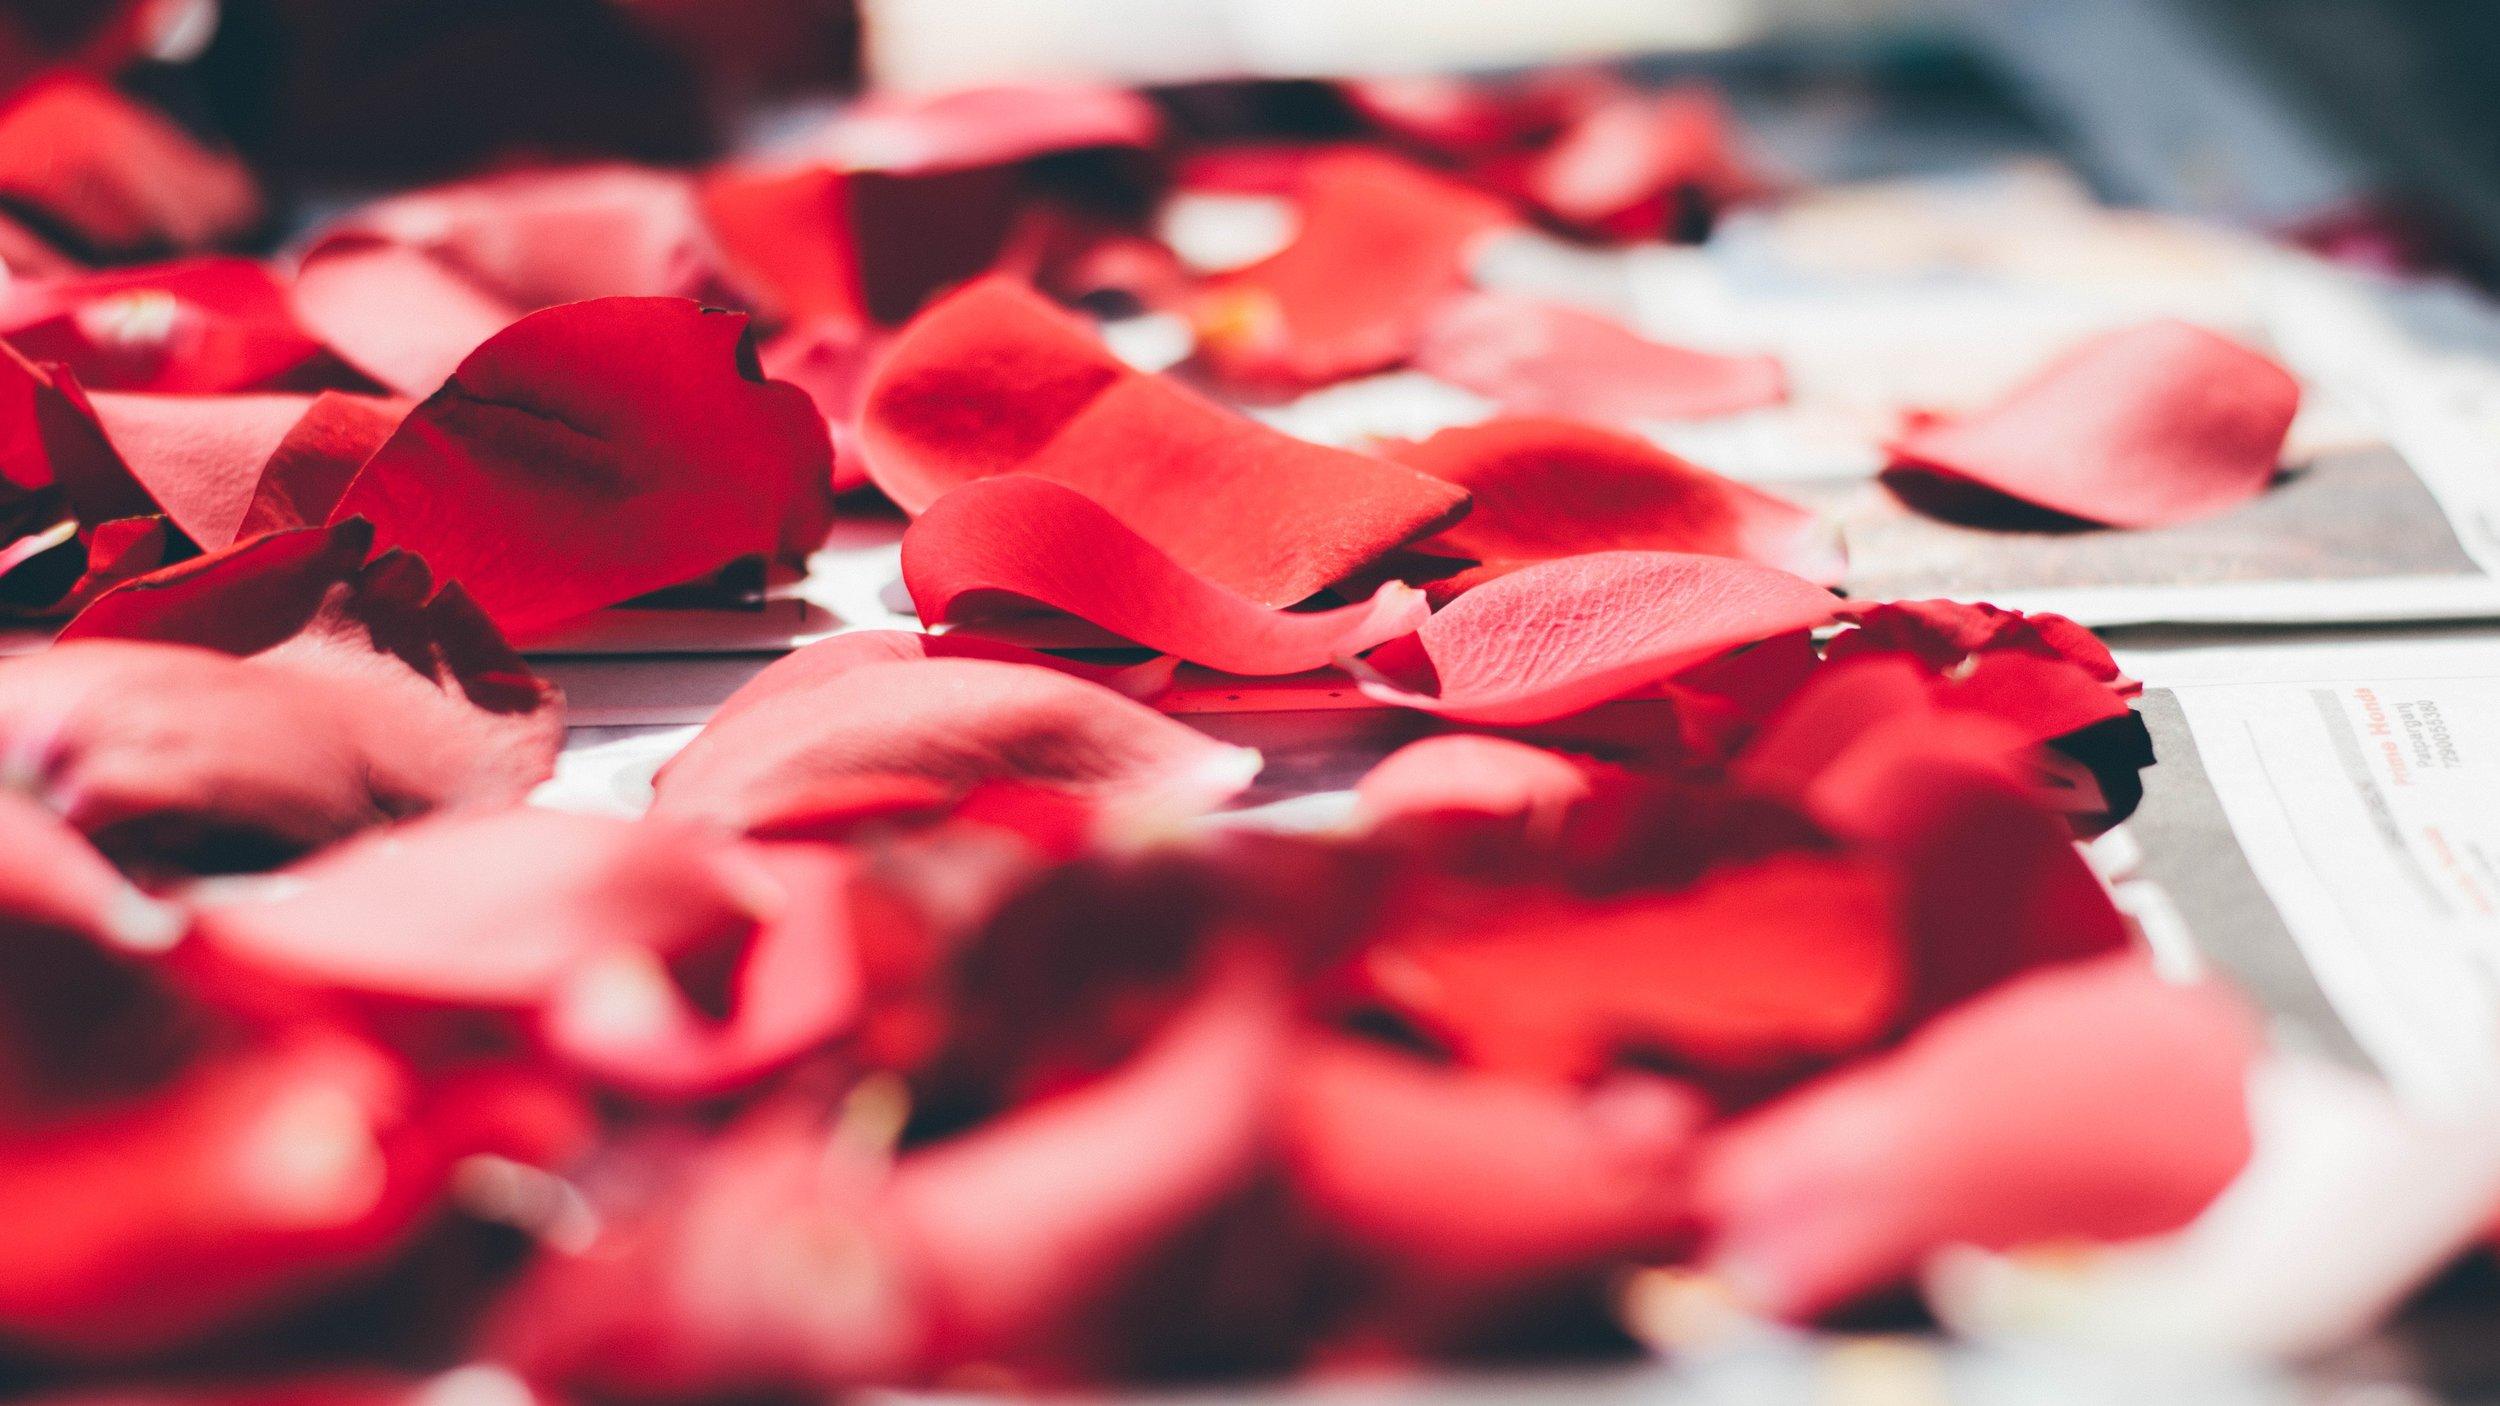 Cena Romántica Premium. - Menú de seis tiempos para dos,Botella de Vino espumoso Artesanal,Kiosko privado decorado con velas y pétalos de rosas,Fogata, Recuerdo Fotográfico con Servicio personalizado.$4,500 mxnPregunta por nuestros paquetes para huéspedes.